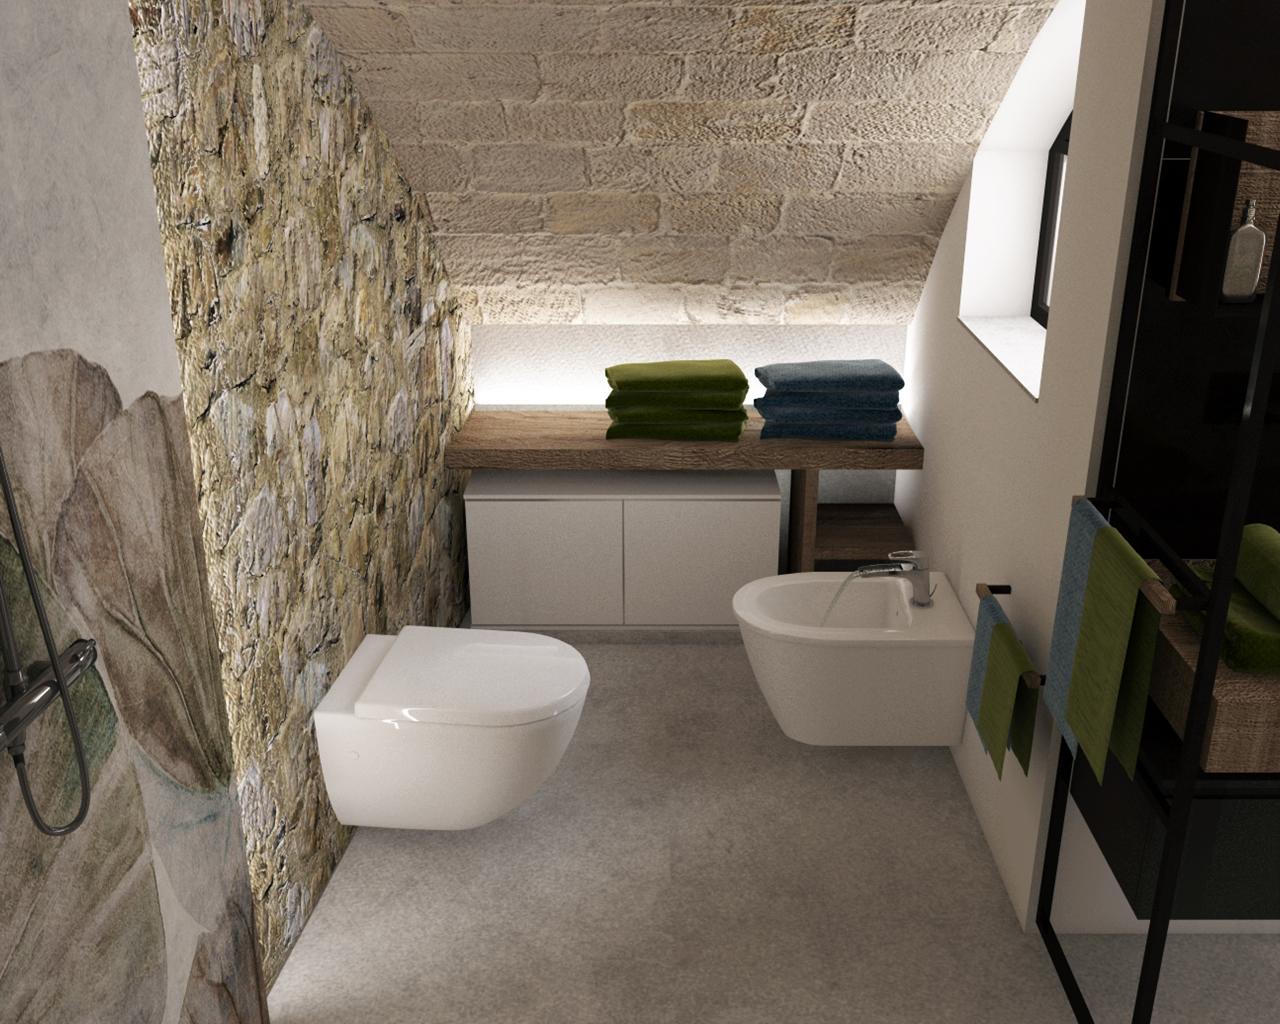 casa-id-render-bagno-7